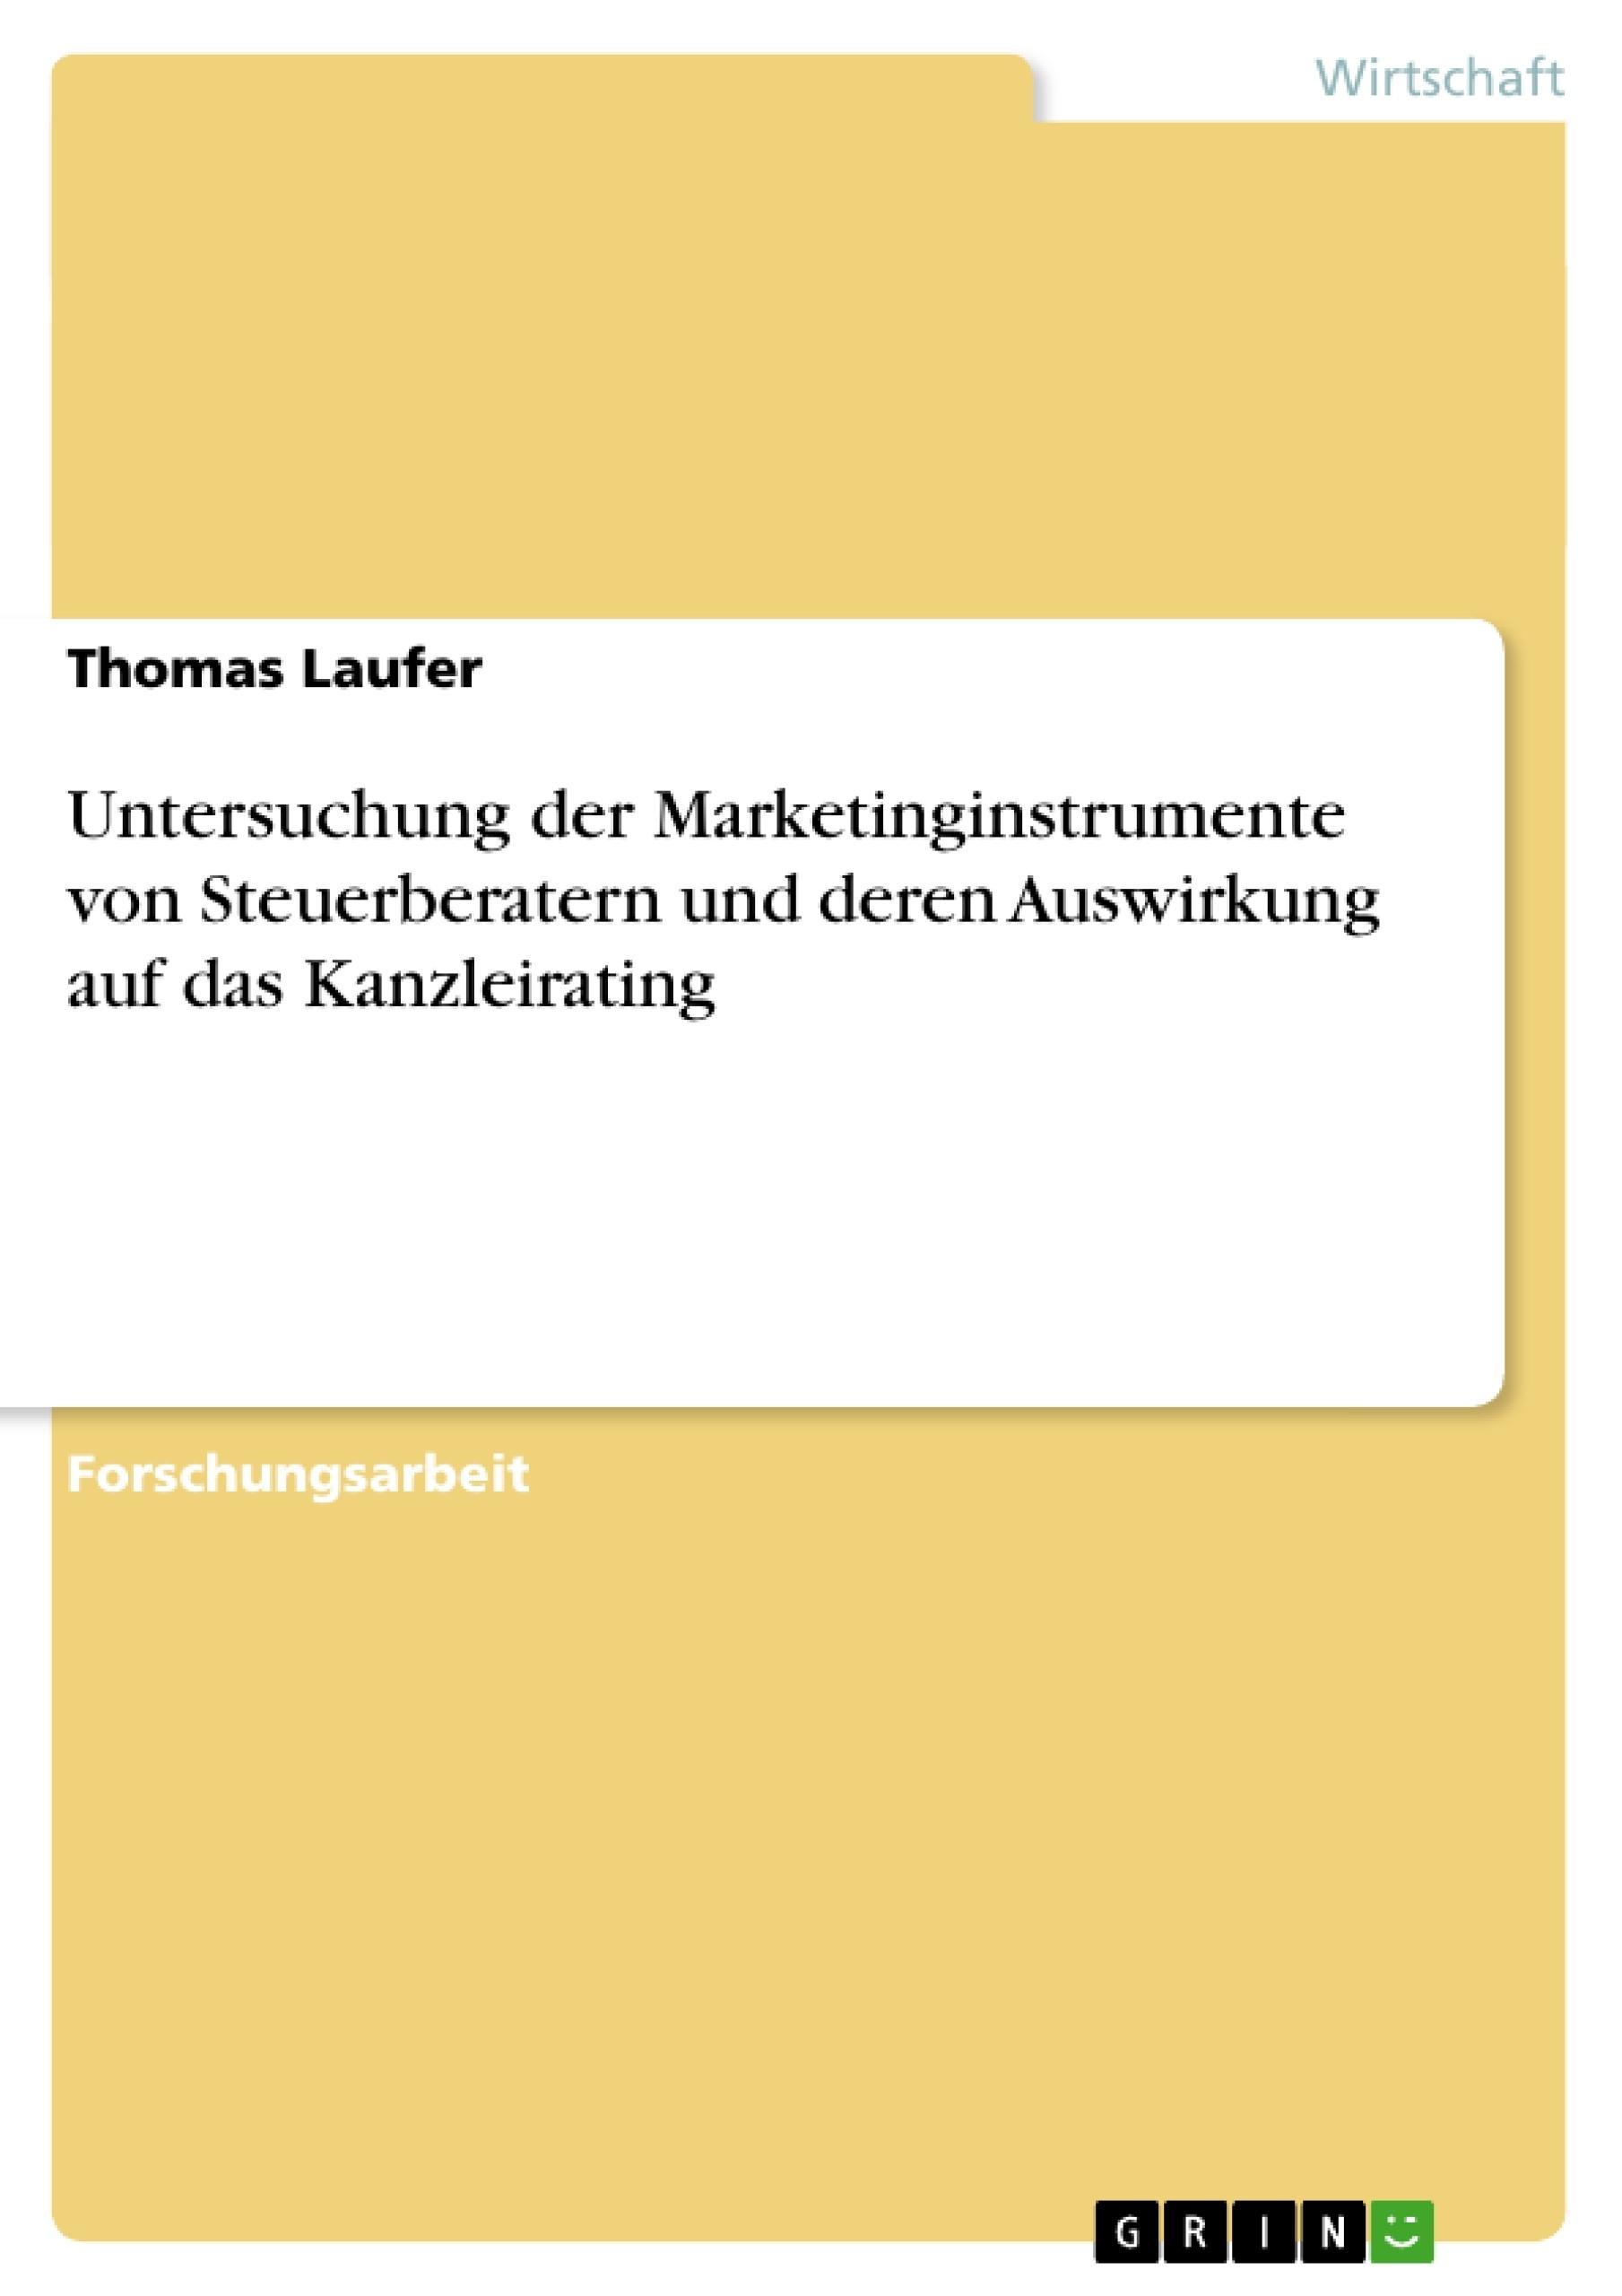 Titel: Untersuchung der Marketinginstrumente von Steuerberatern und deren Auswirkung auf das Kanzleirating